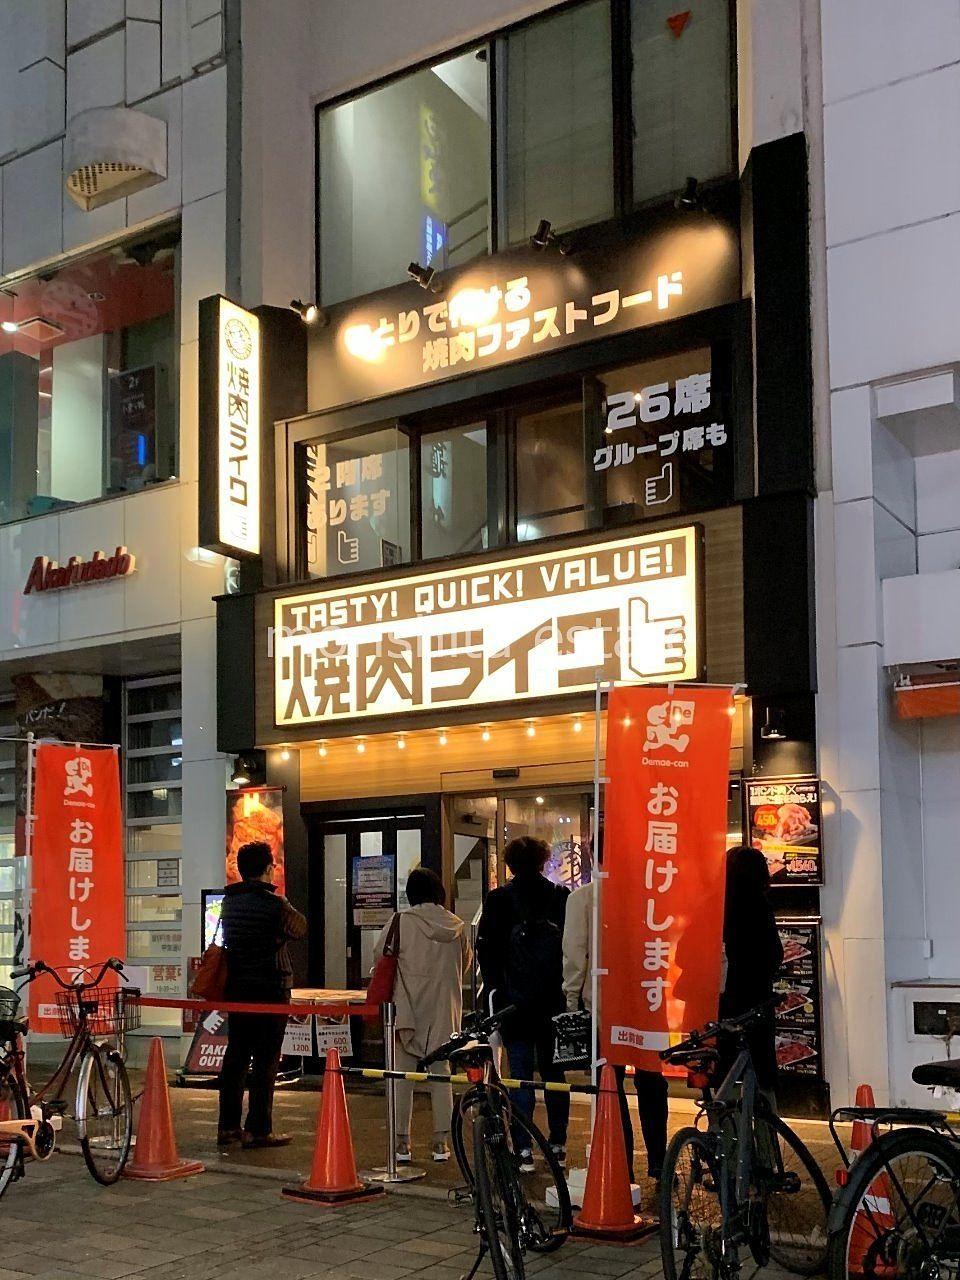 上野 1人焼肉ライク グループ席 安い 定食 写真